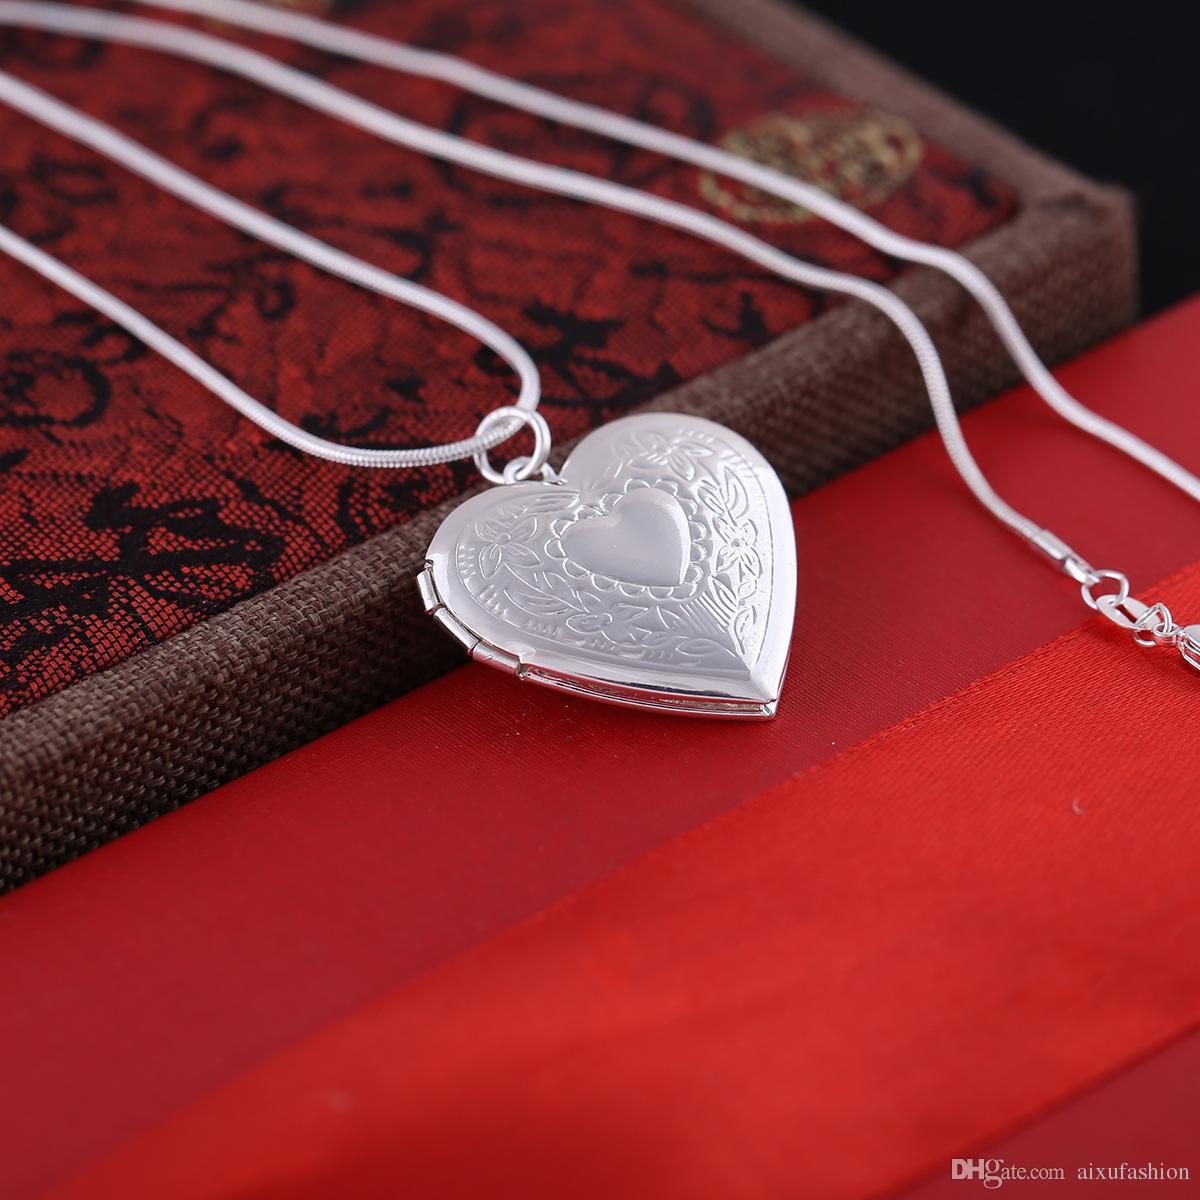 Versilbert 925 Medaillons Anhänger Halsketten Herz Geschnitzte Charme Bilderrahmen Kann Medaillon Halskette Valentinstag Geschenk Für Frauen Mädchen öffnen